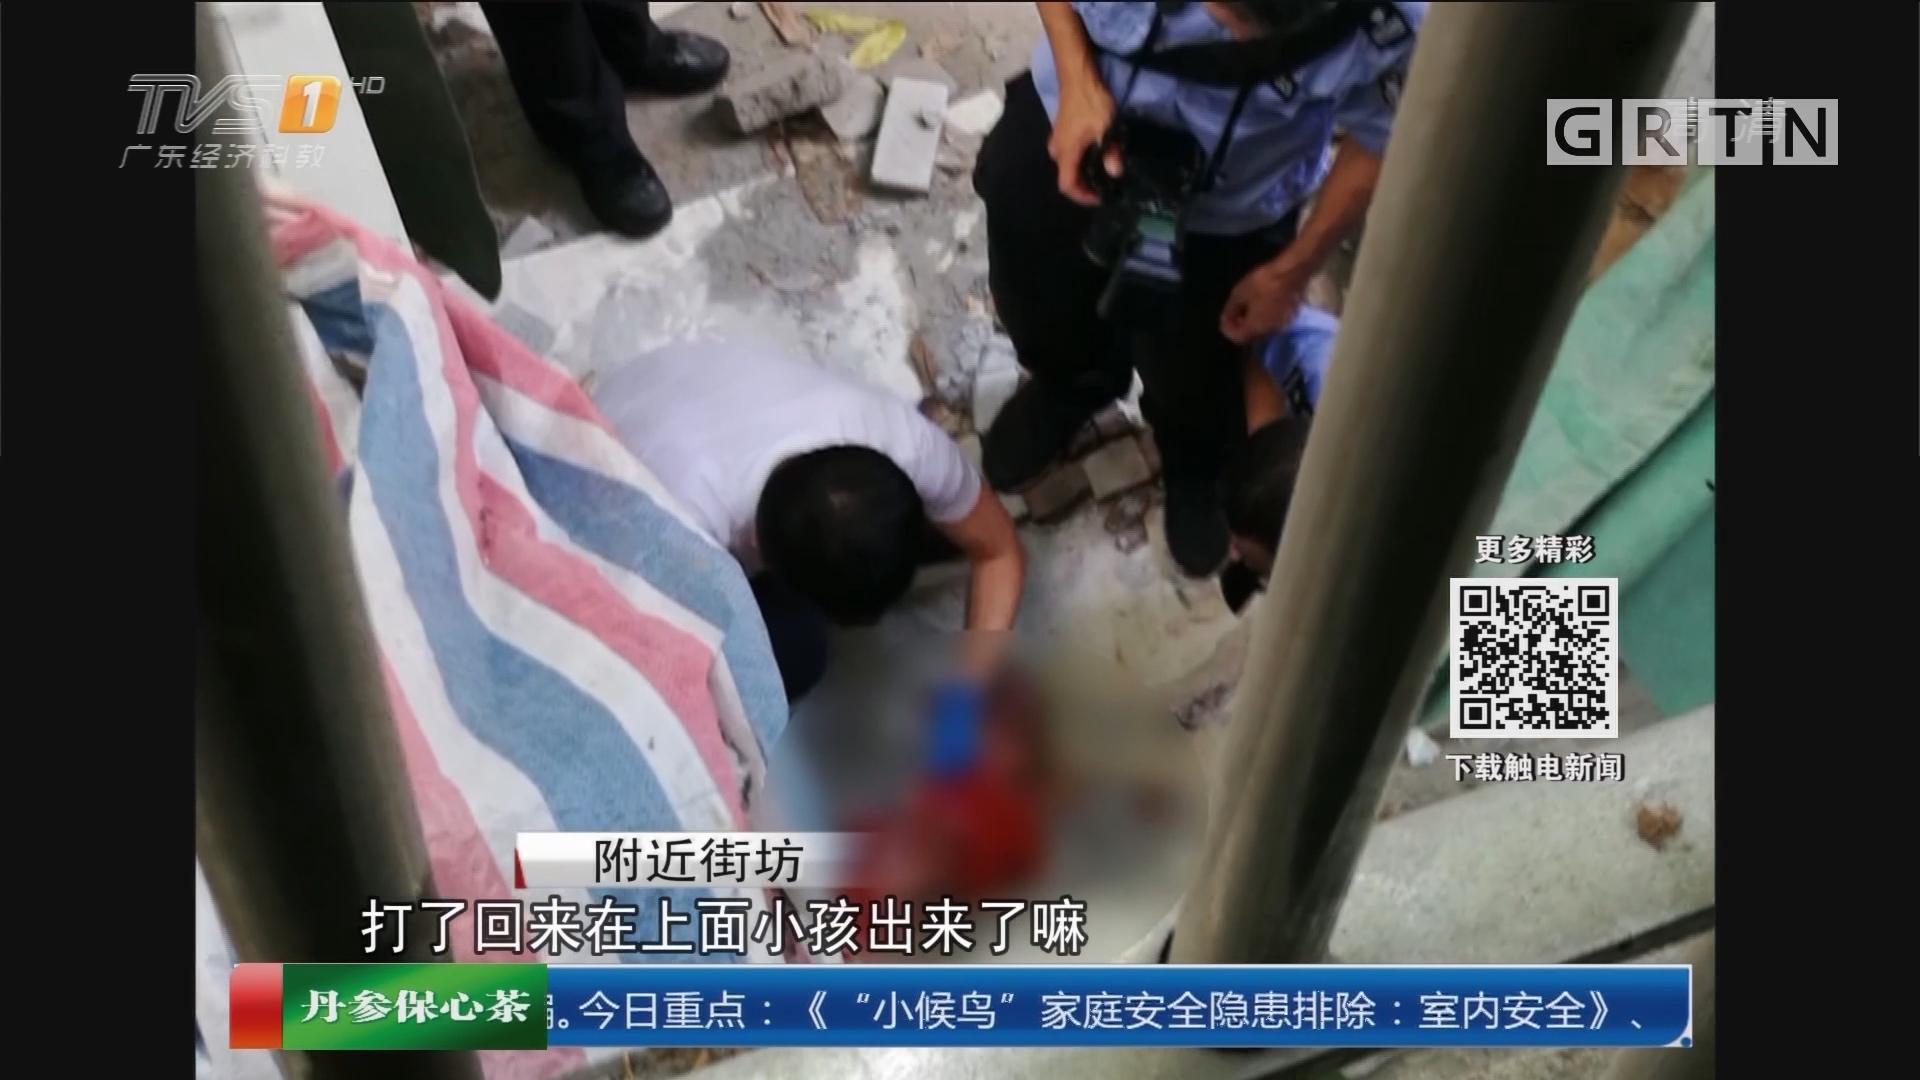 法律常识提示:从五楼扔下女婴?涉事女子被刑拘